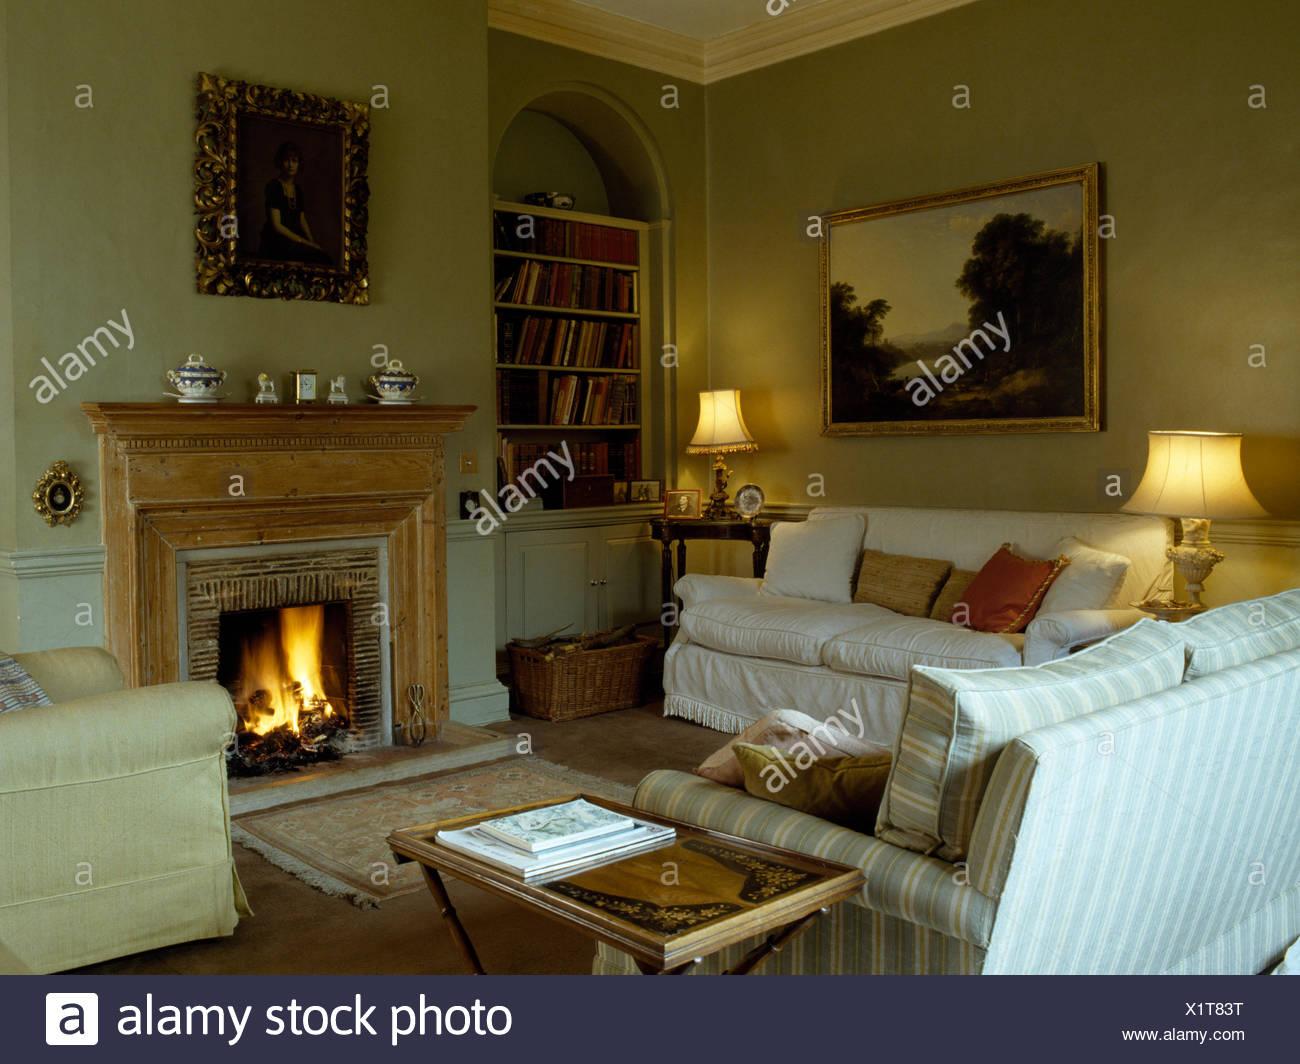 Bequeme Sofas mit dem brennenden Feuer im traditionellen Stil der ...